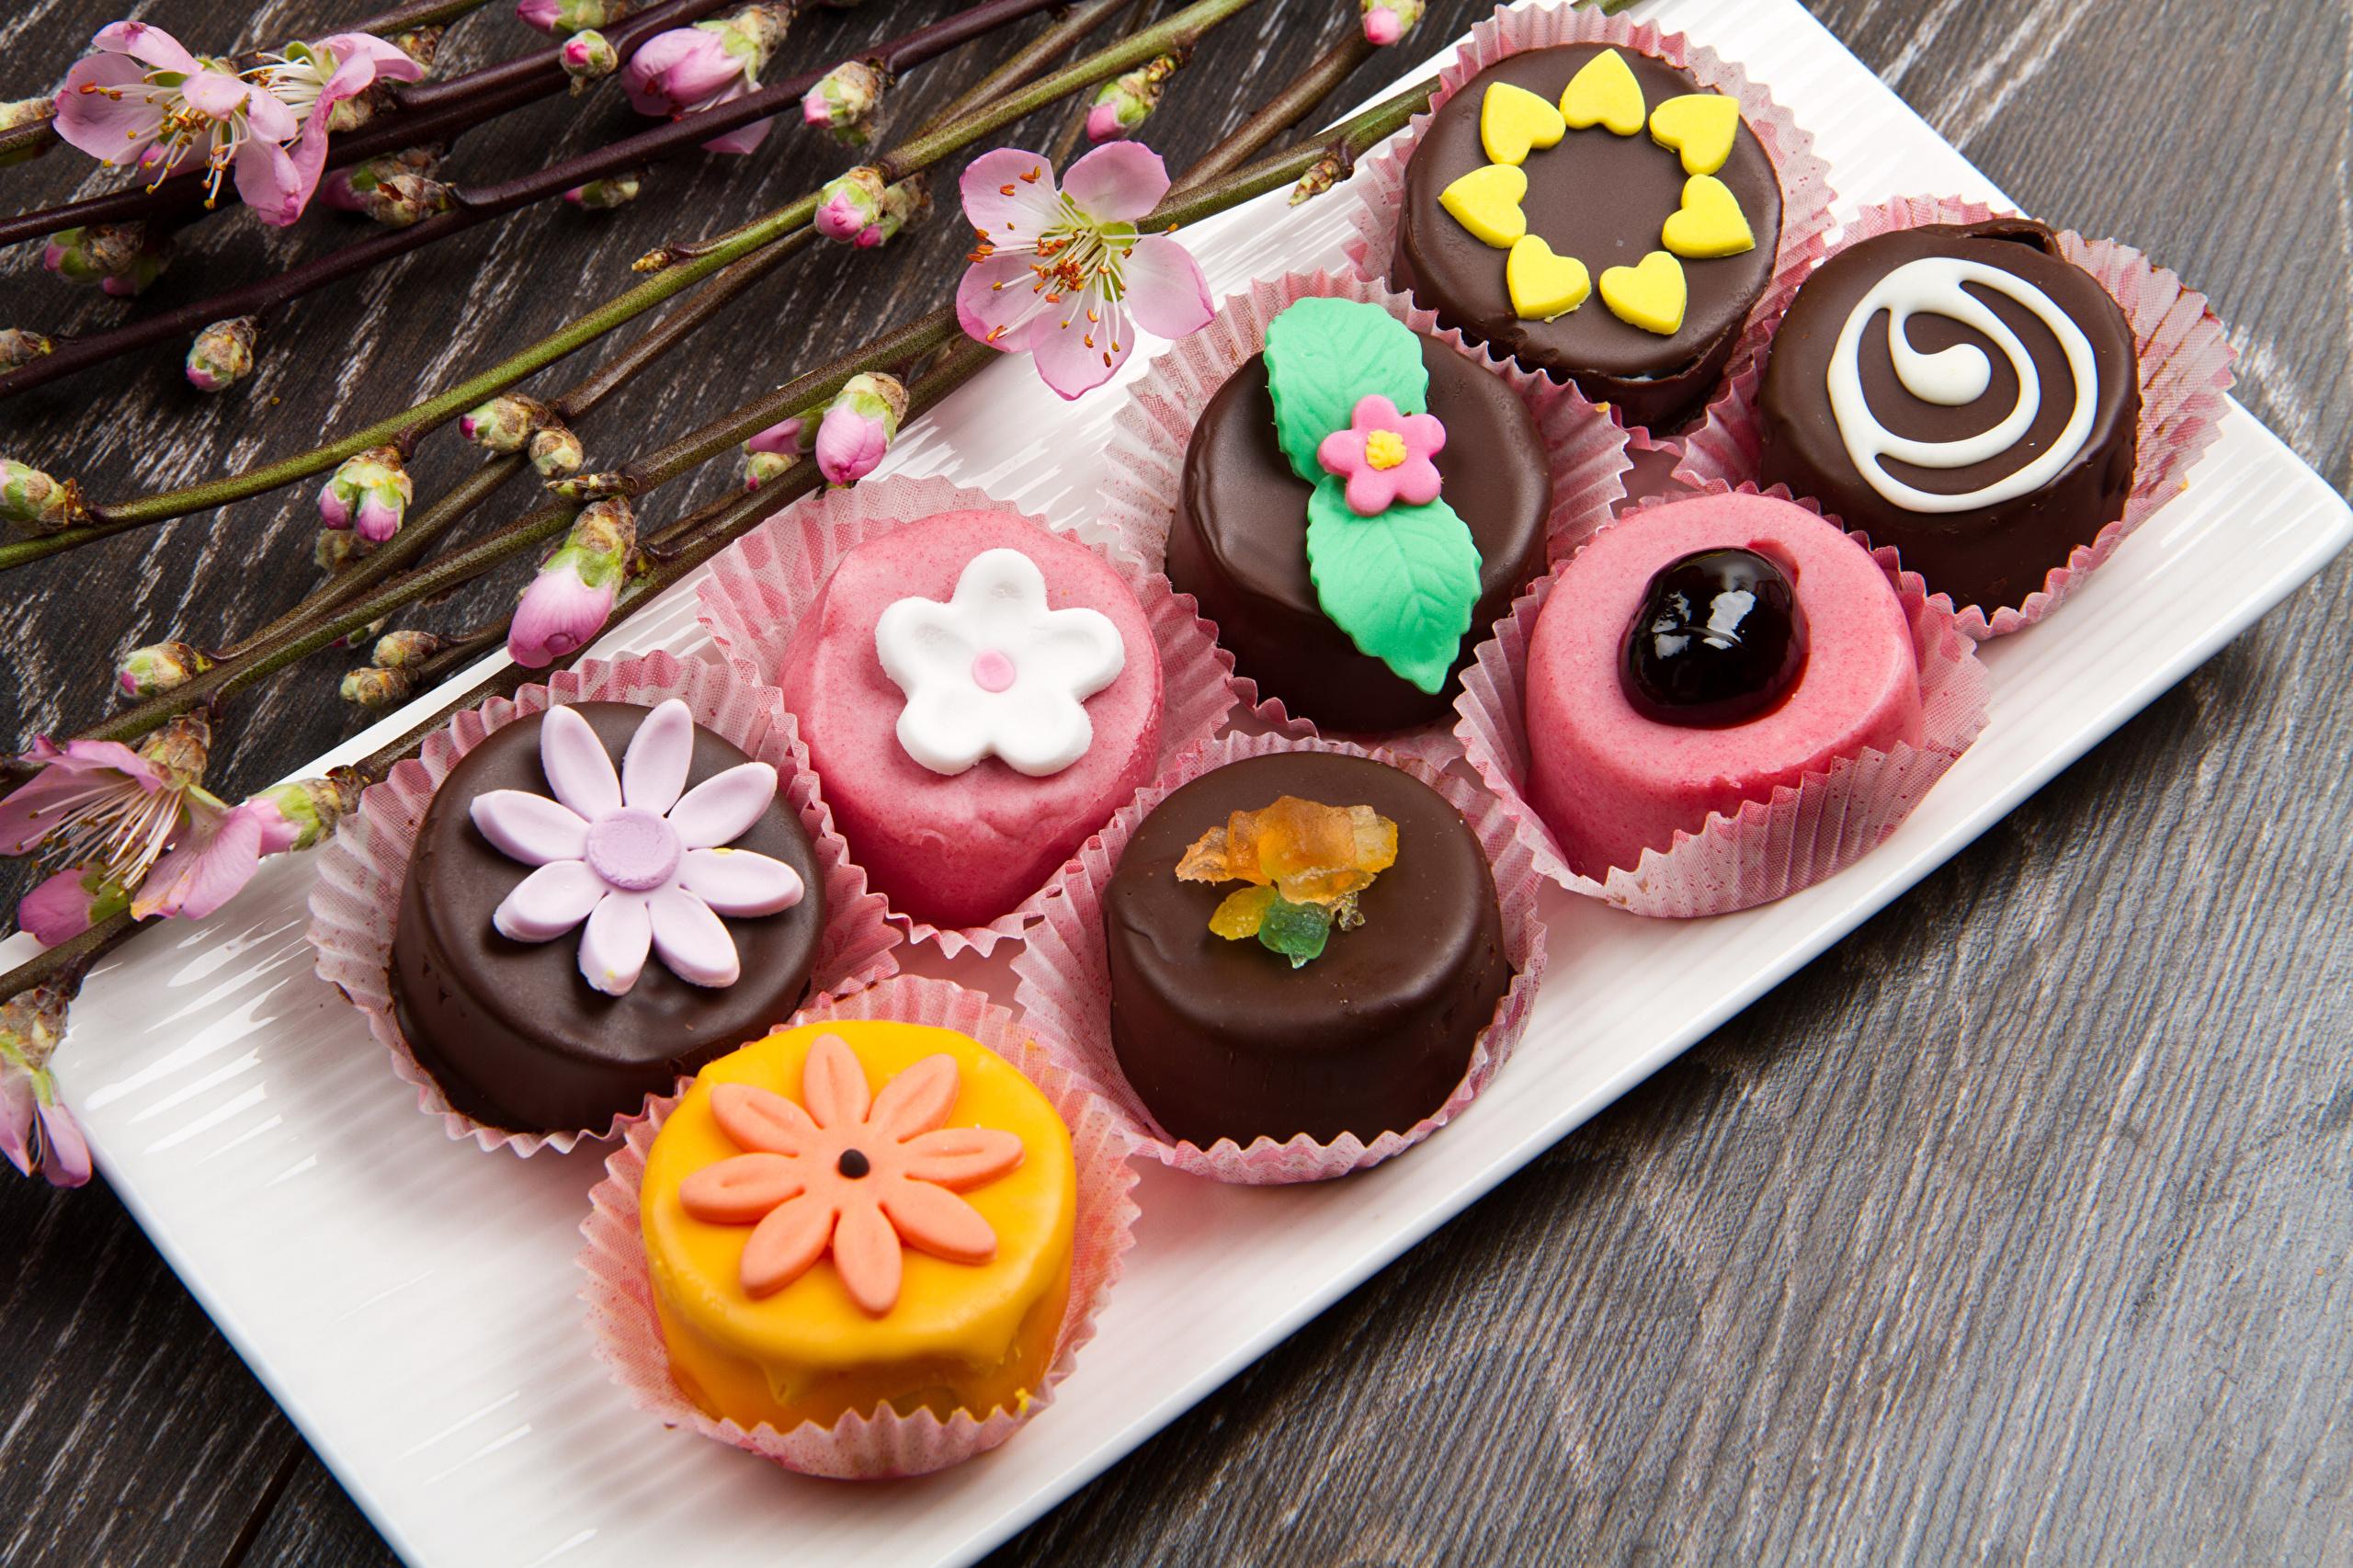 кексы пирожное cupcakes cake  № 132291 бесплатно